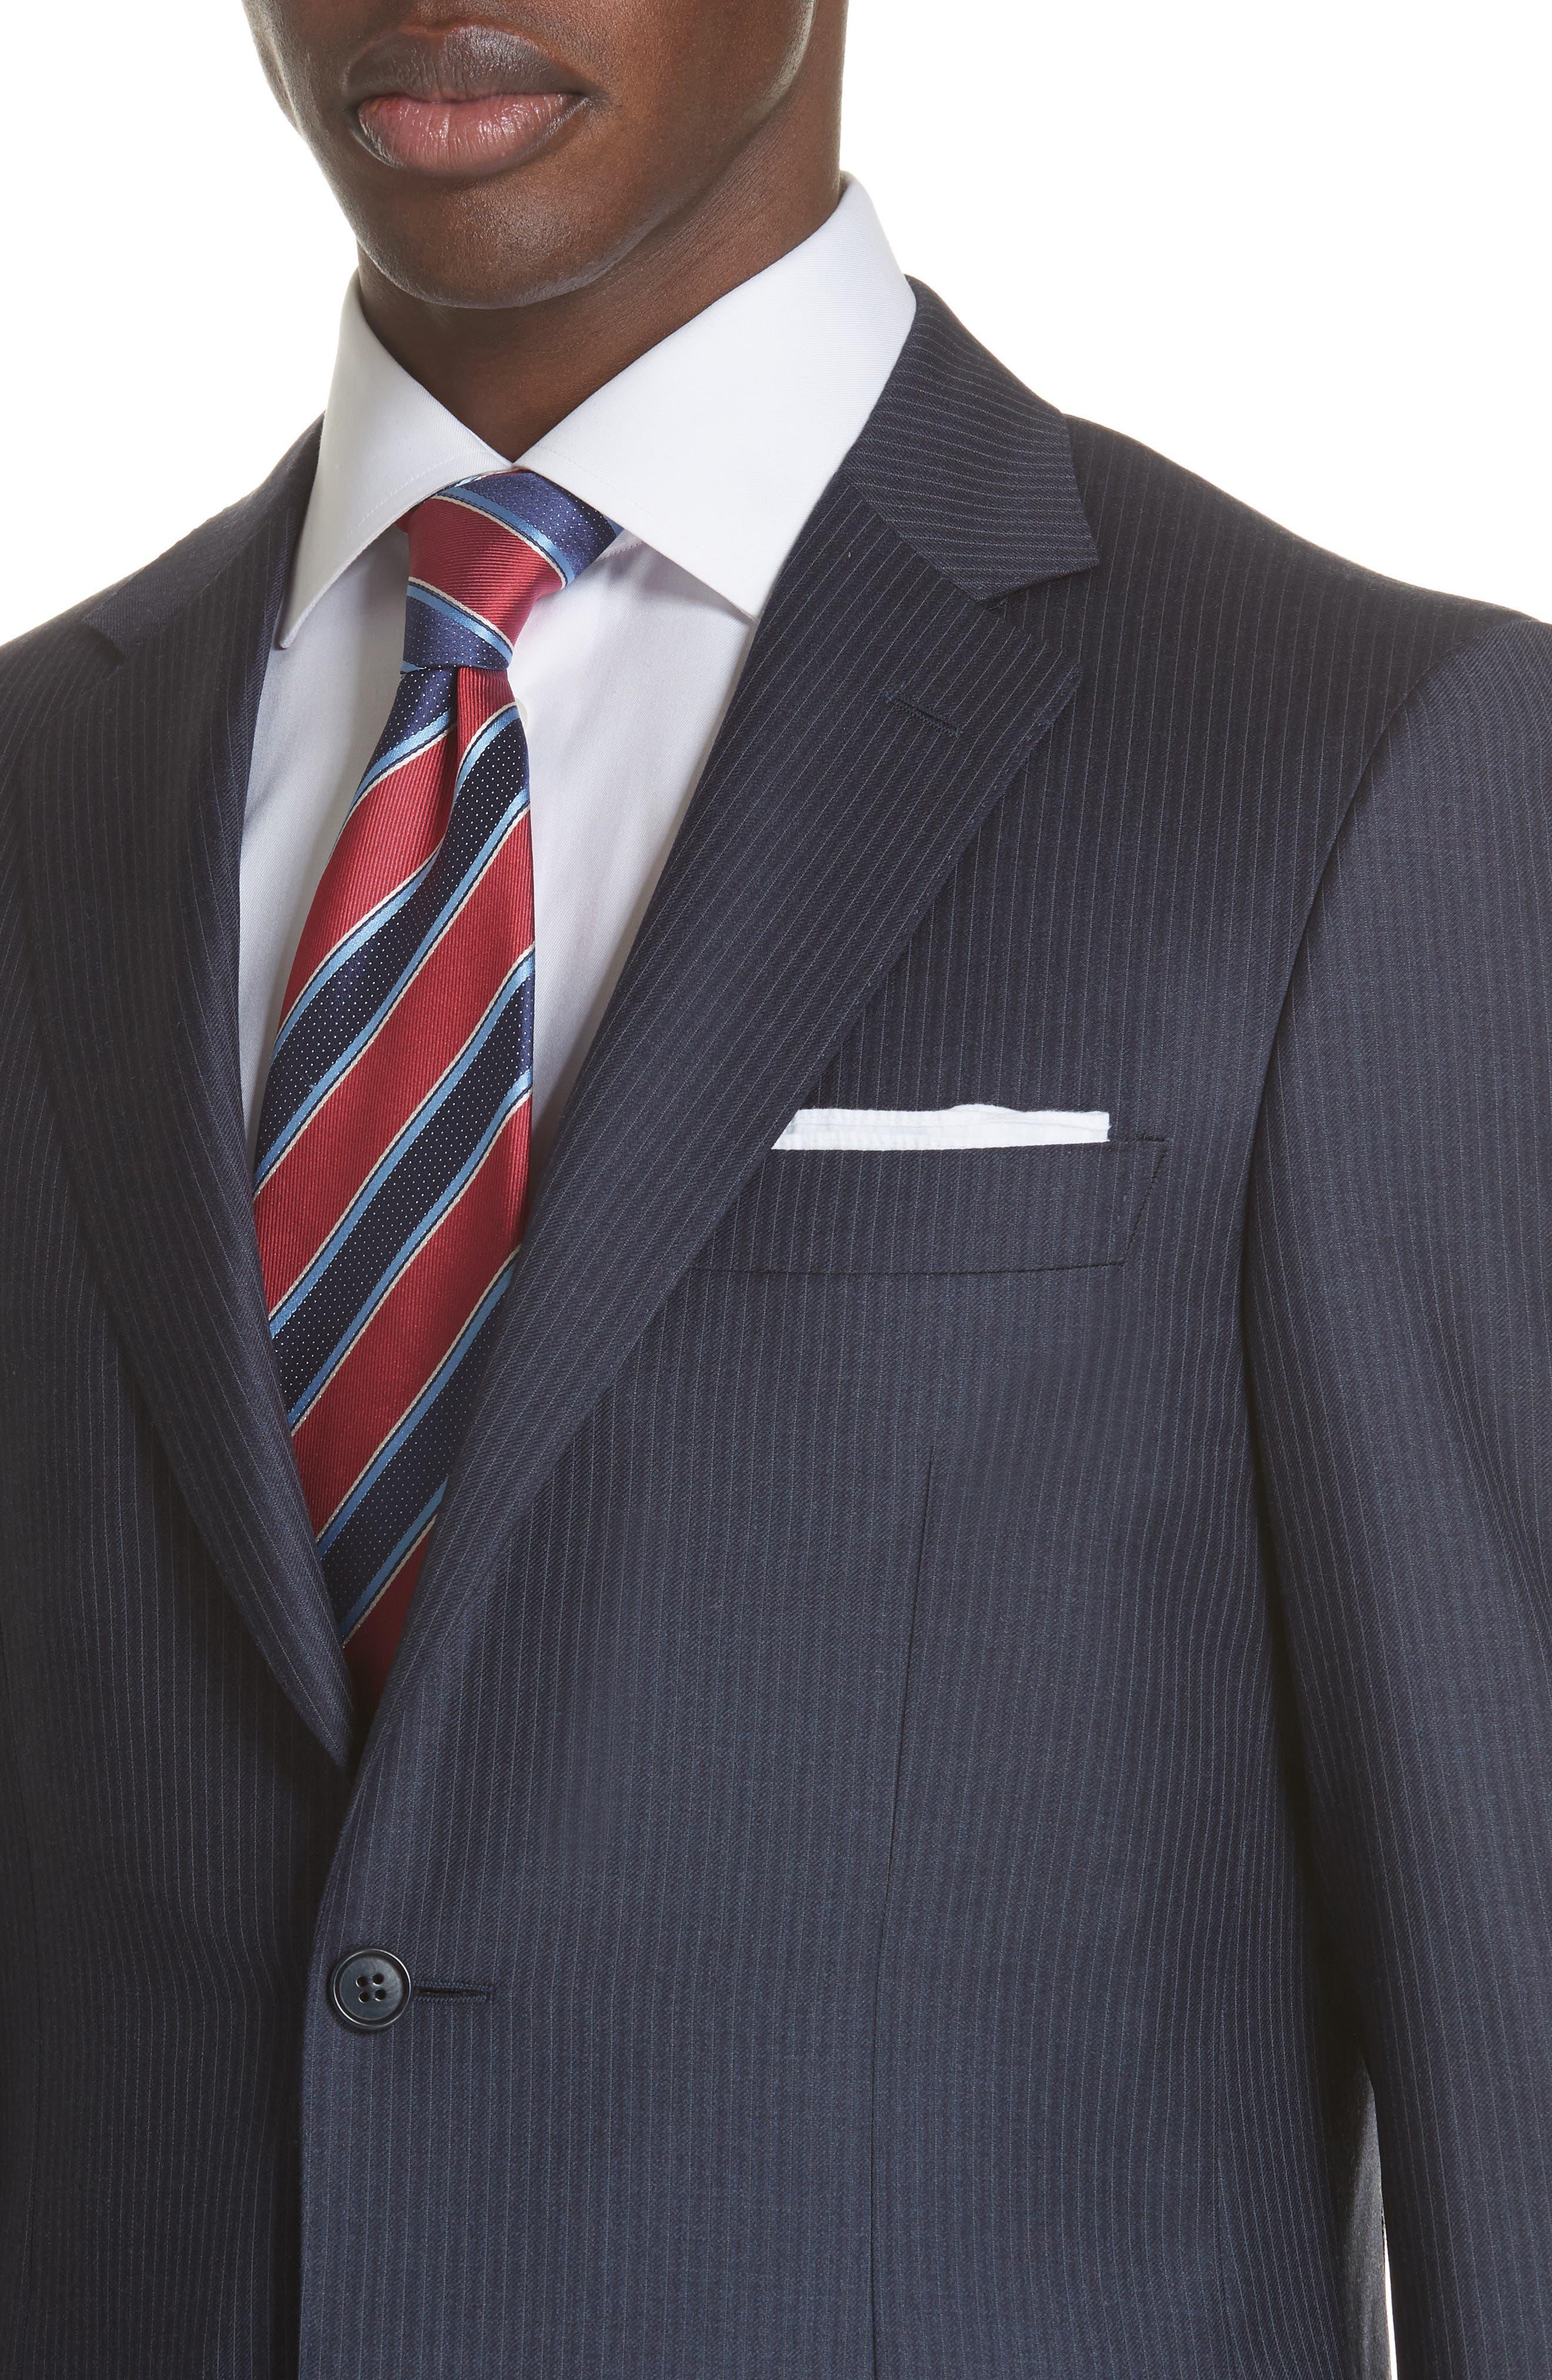 Siena Classic Fit Stripe Wool Suit,                             Alternate thumbnail 4, color,                             Blue